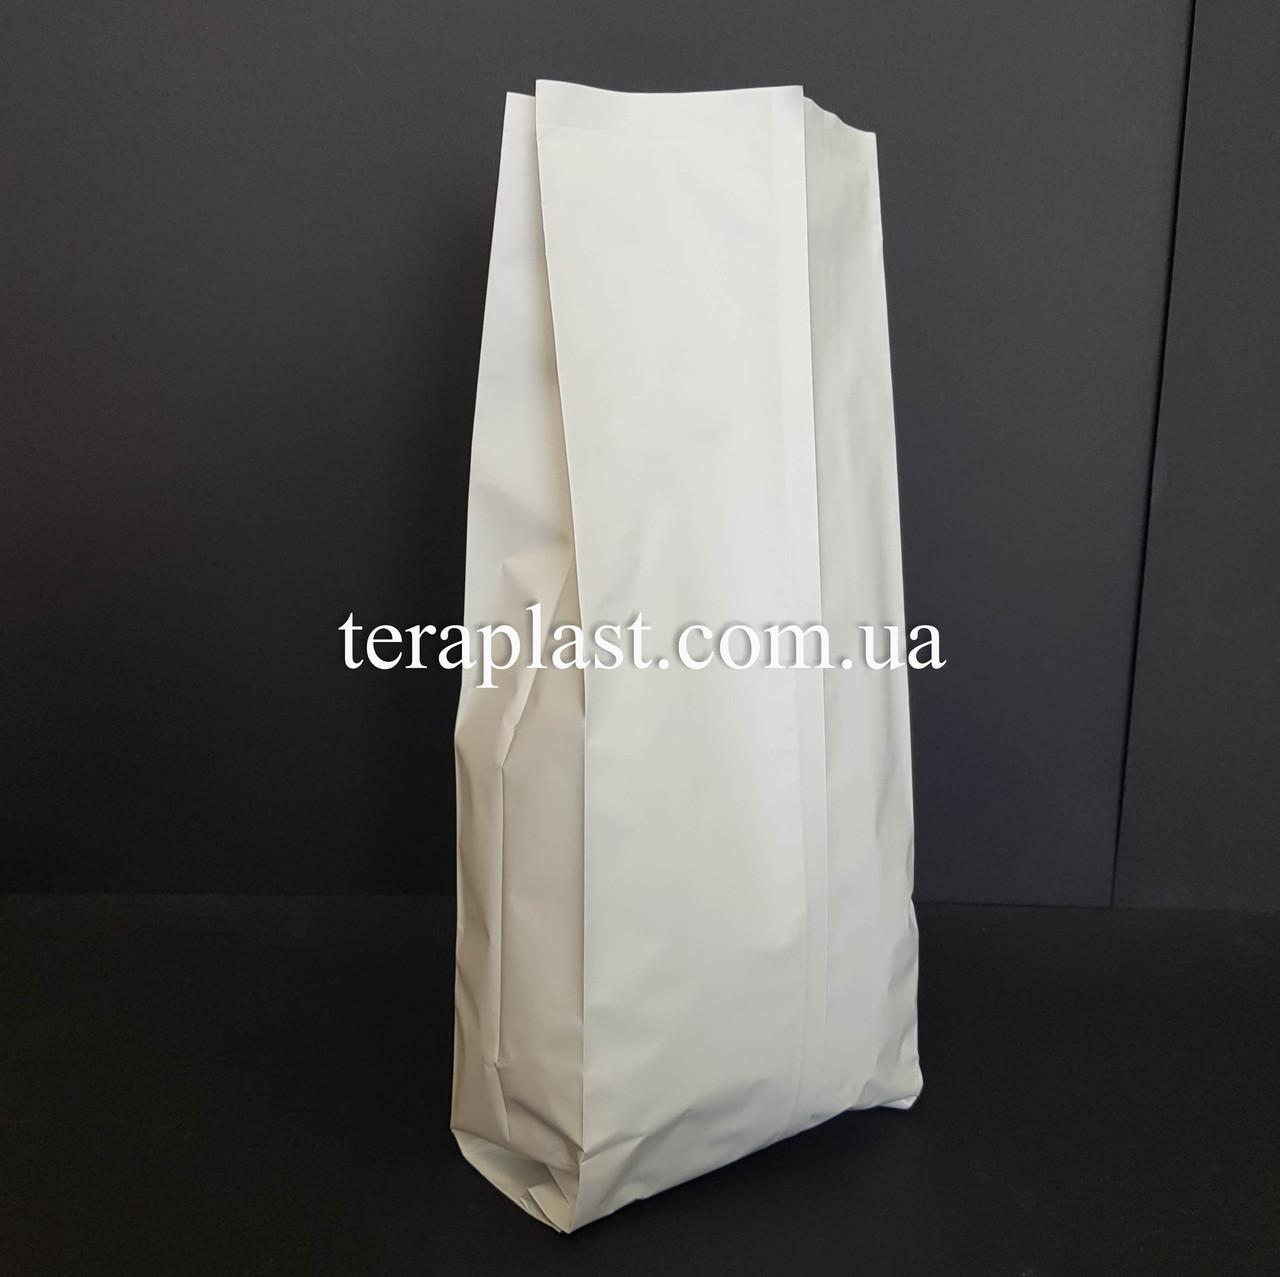 Гассет-пакет с центральным швом белый 500г 90х320х30